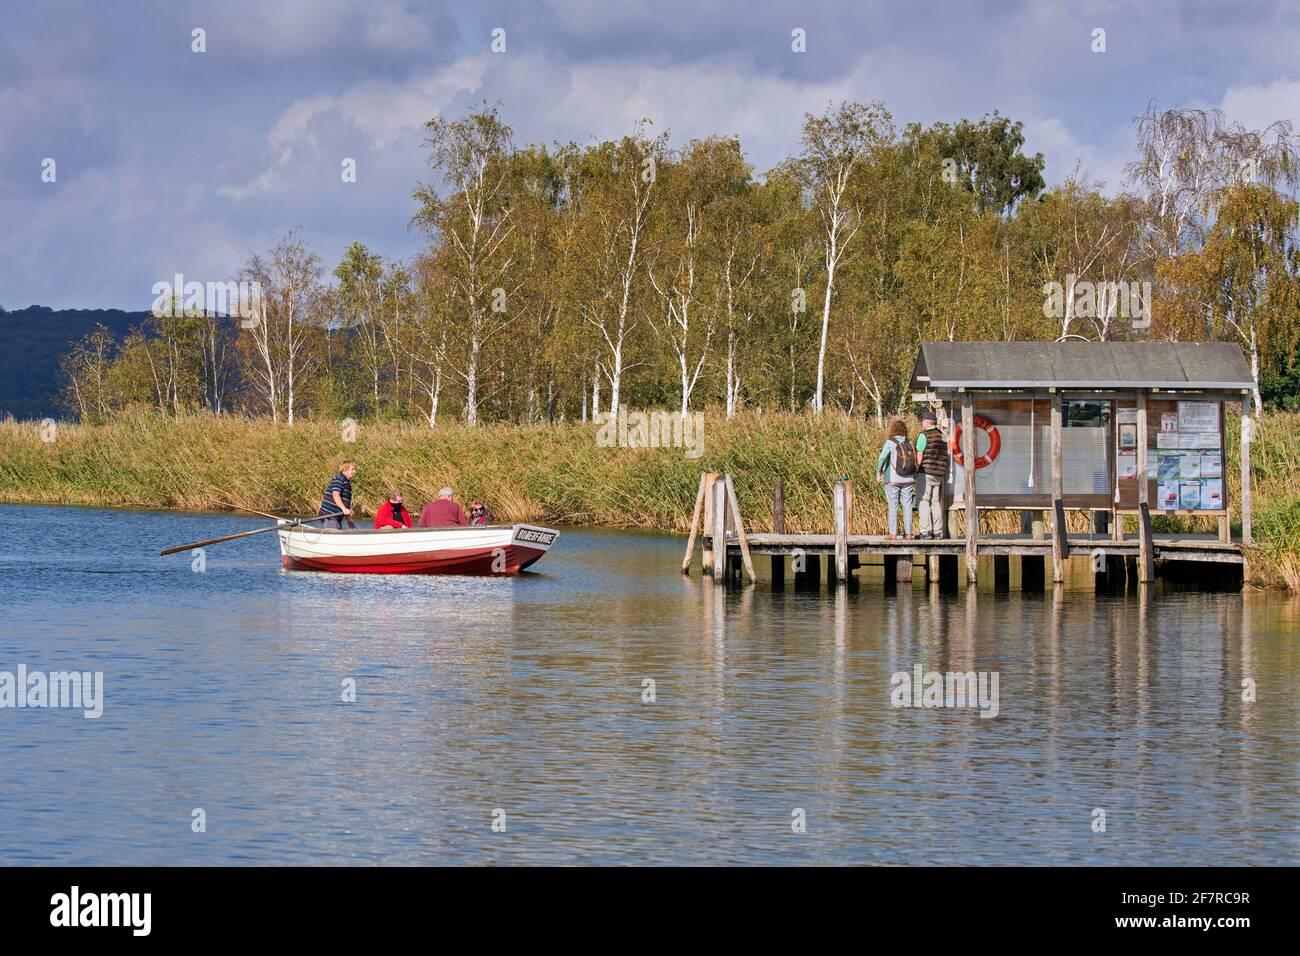 Ferry de pasajeros Moritzdorf a través de Baaber Bek en la isla Rügen / Ruegen, bote a remos que conecta Baabe con Sellin en Mecklemburgo-Pomerania Occidental, Alemania Foto de stock